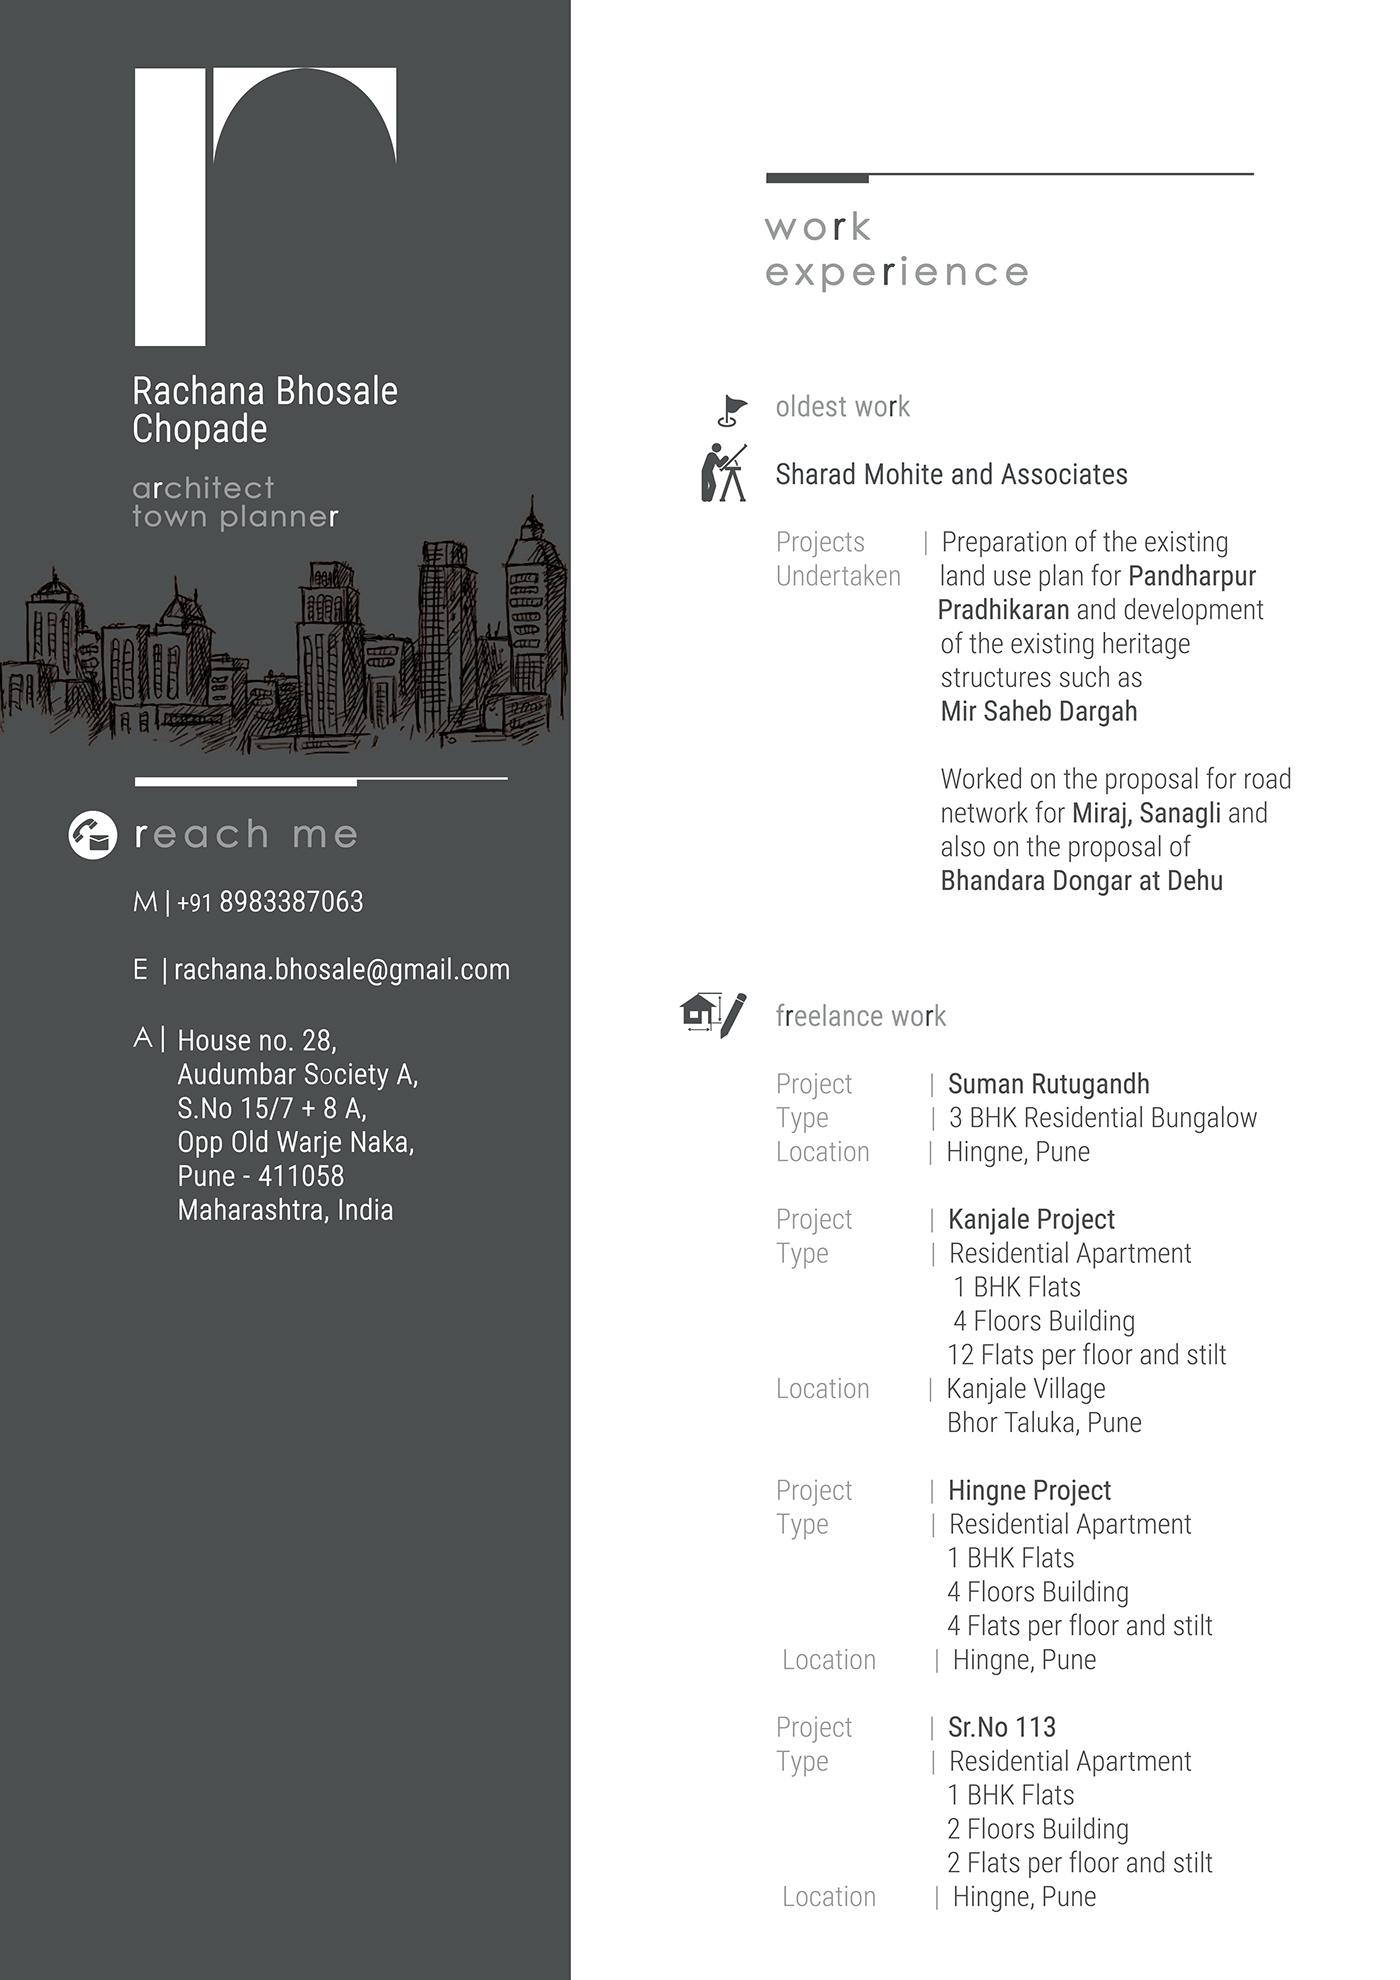 Resume Design Freelance Work on Behance